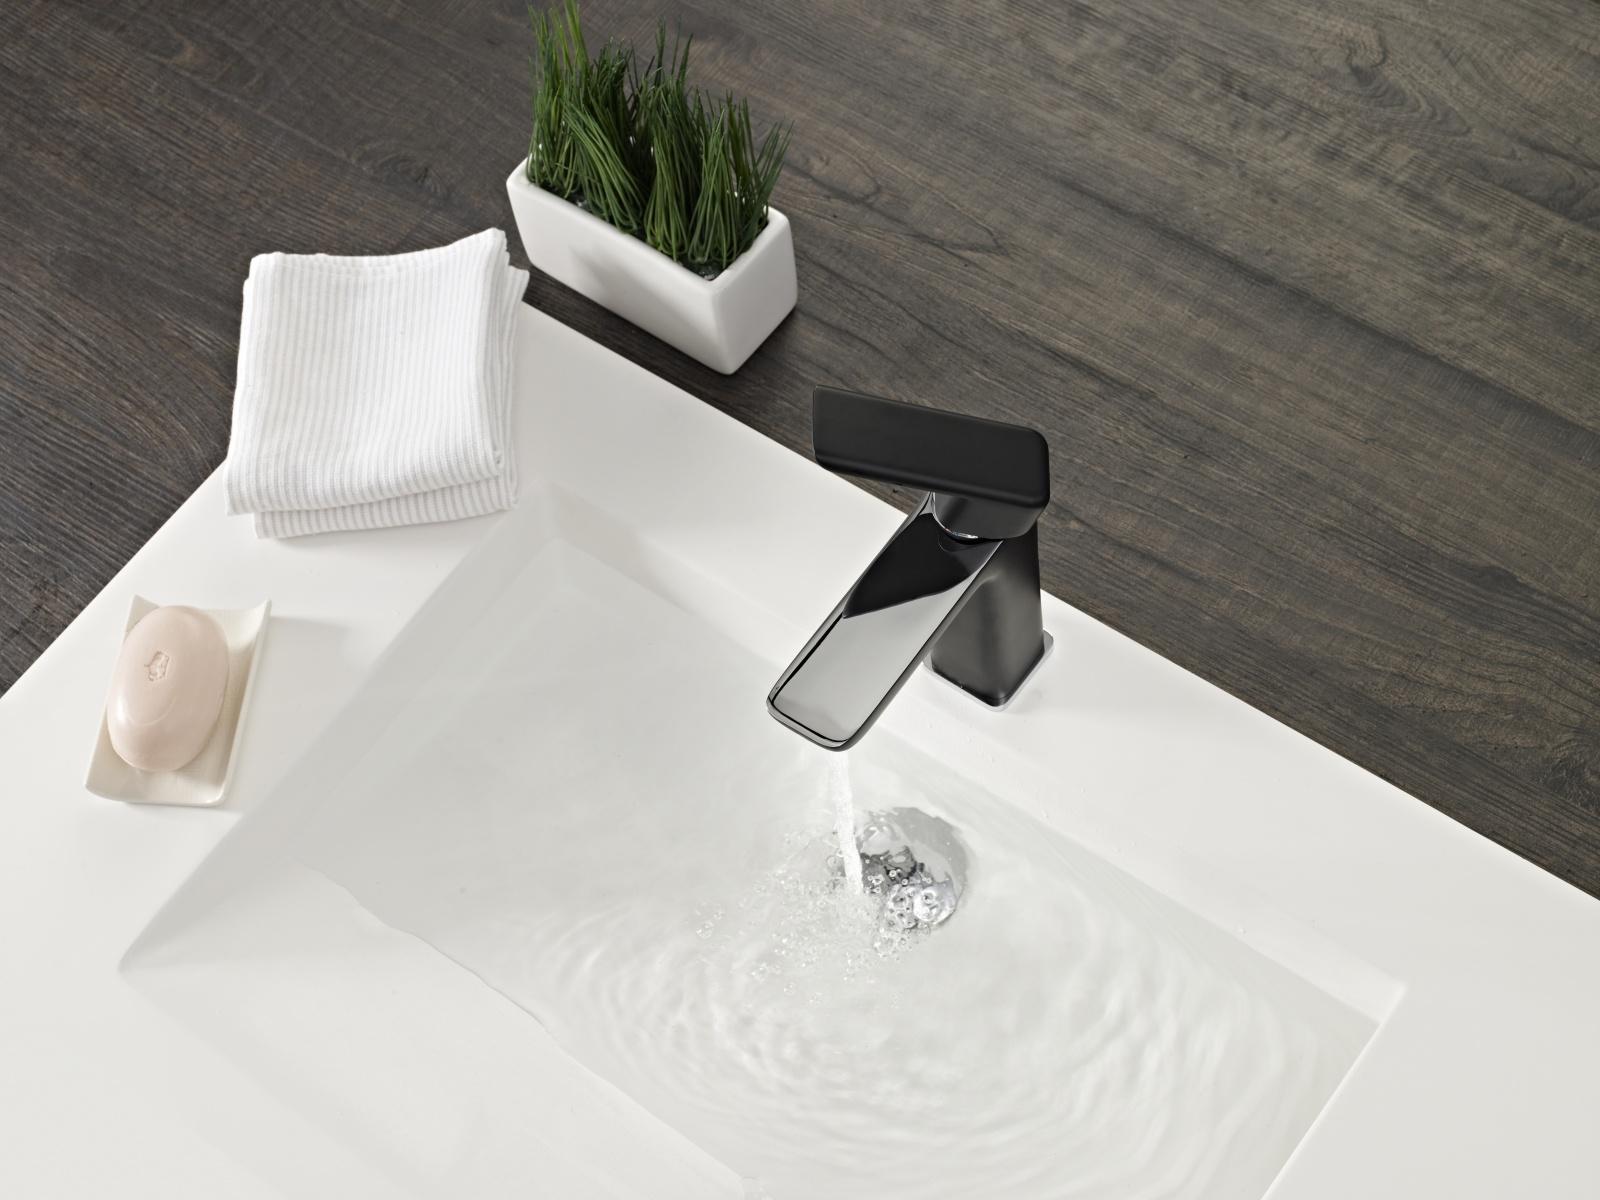 teka design armatur schwarz und chrom wasserhahn. Black Bedroom Furniture Sets. Home Design Ideas